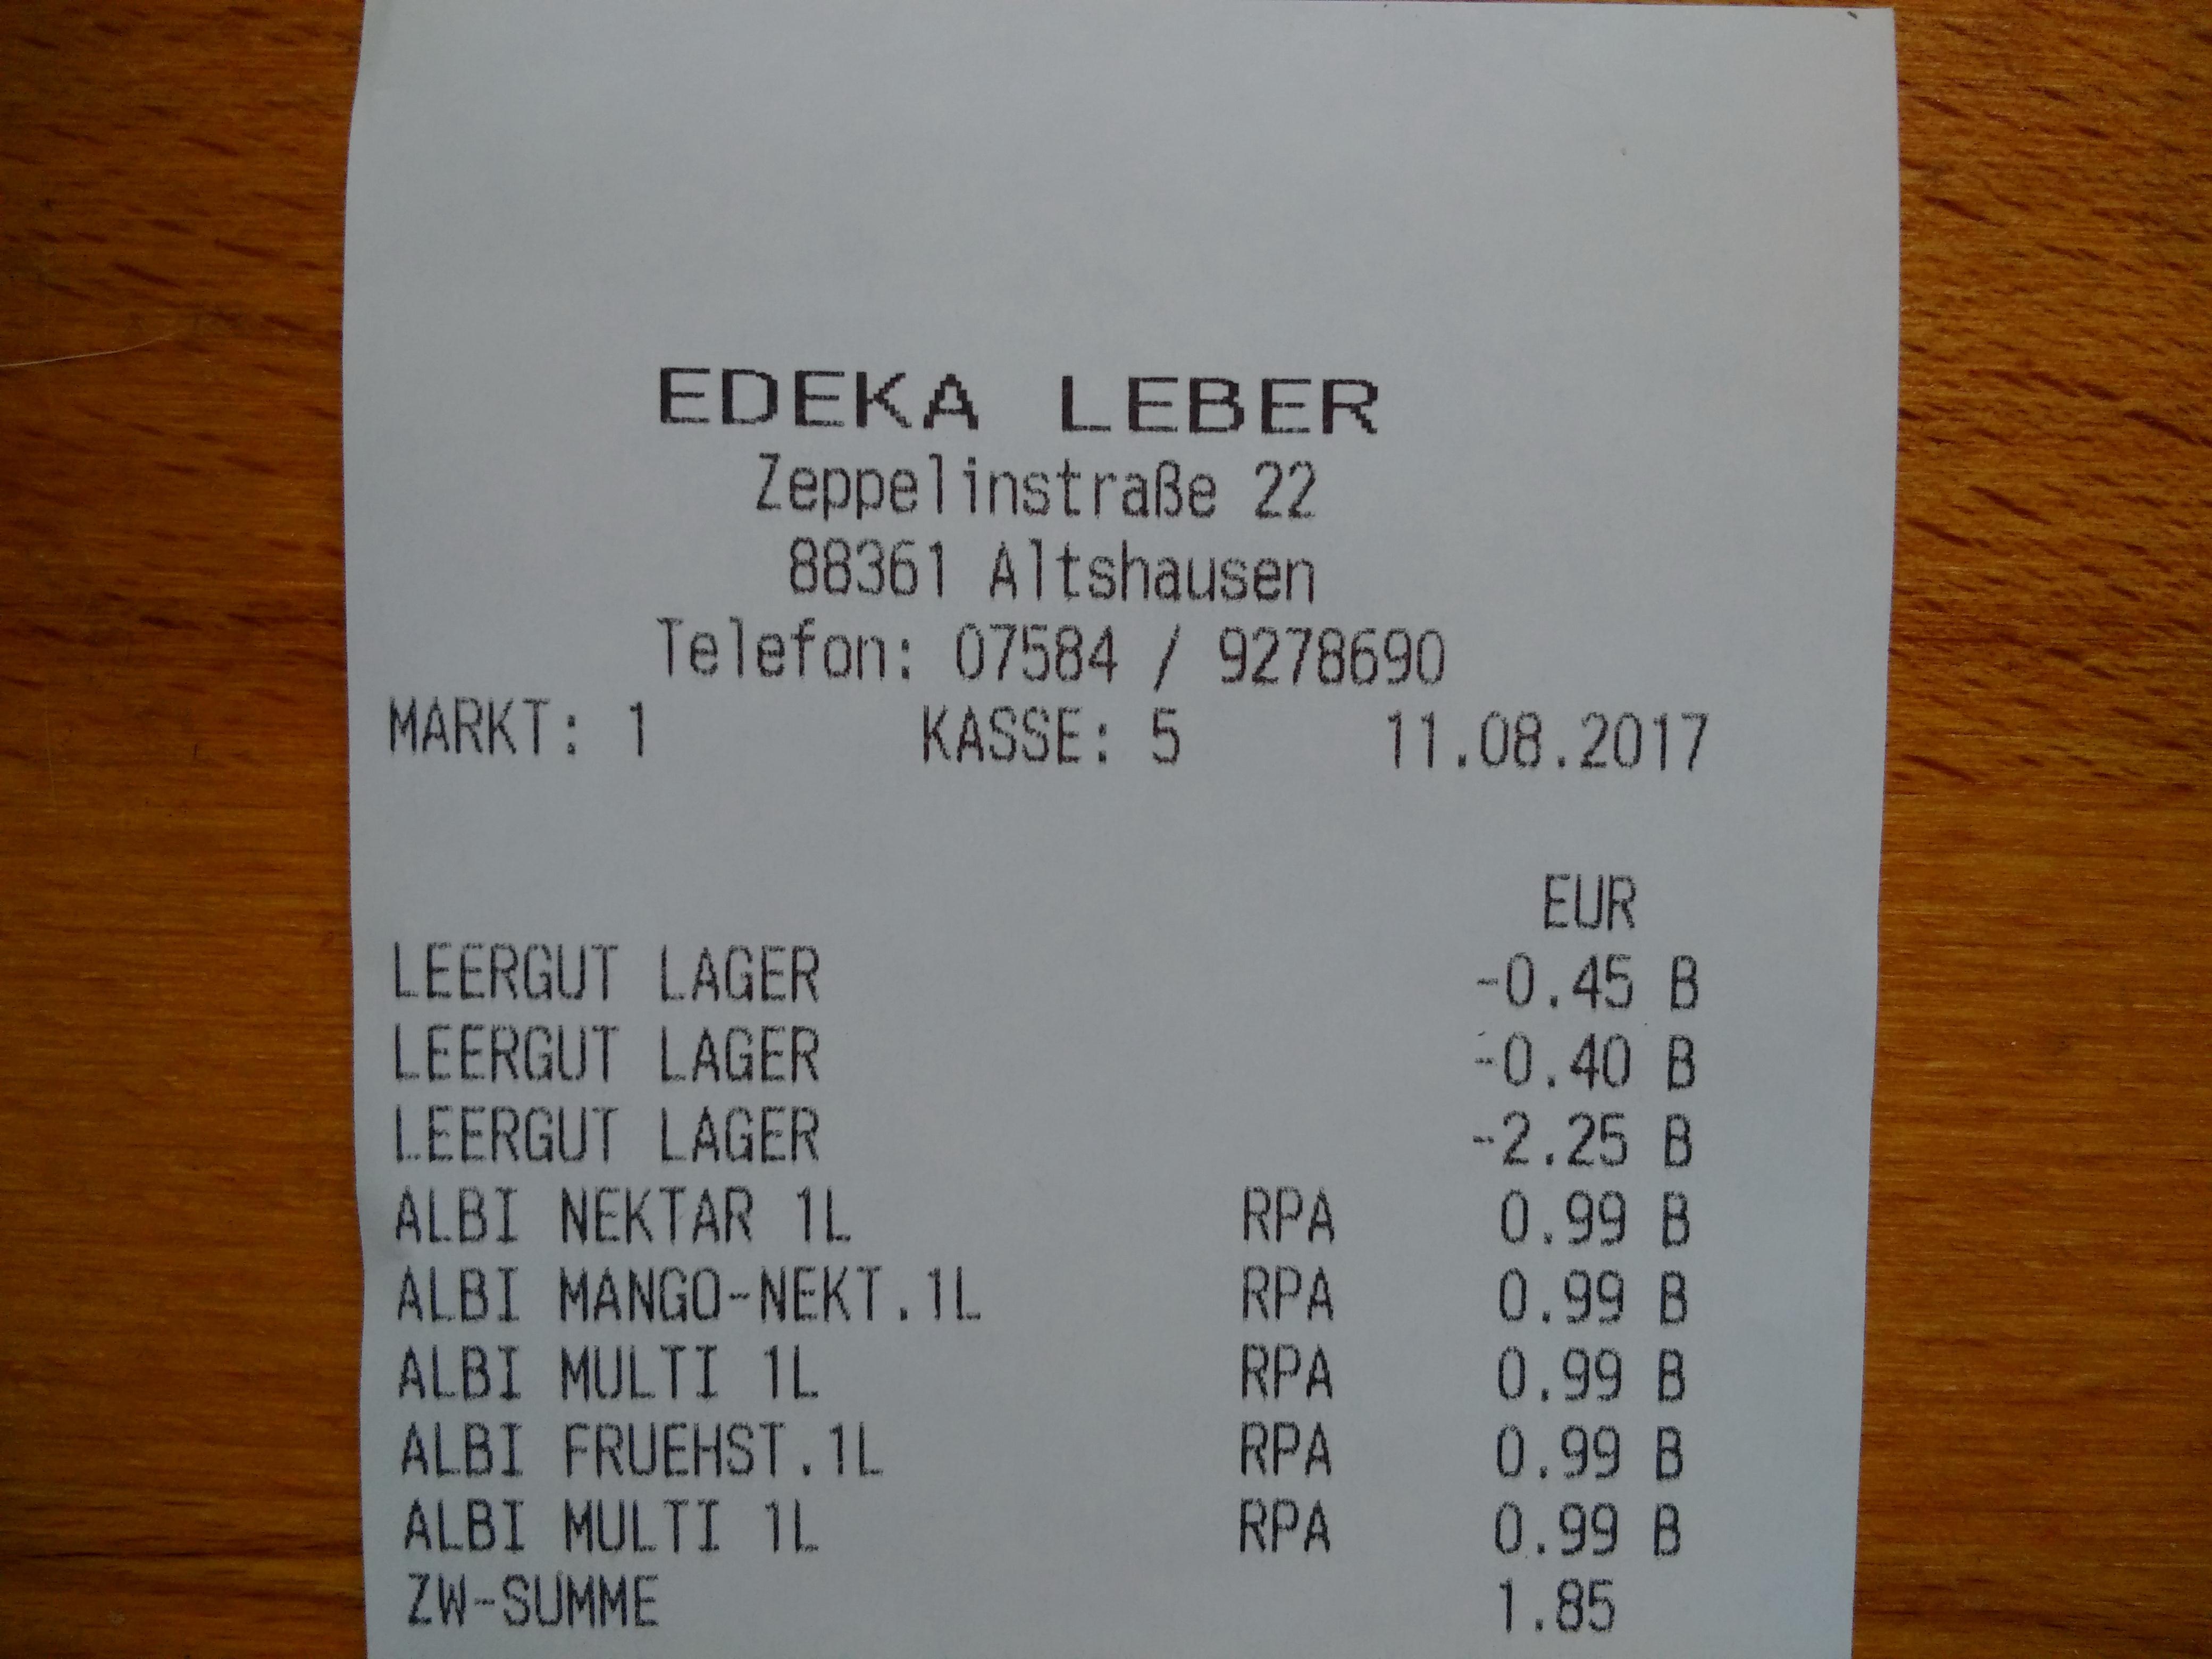 [ Lokal ] EDEKA Leber in Altshausen ALBI Fruchtsäfte